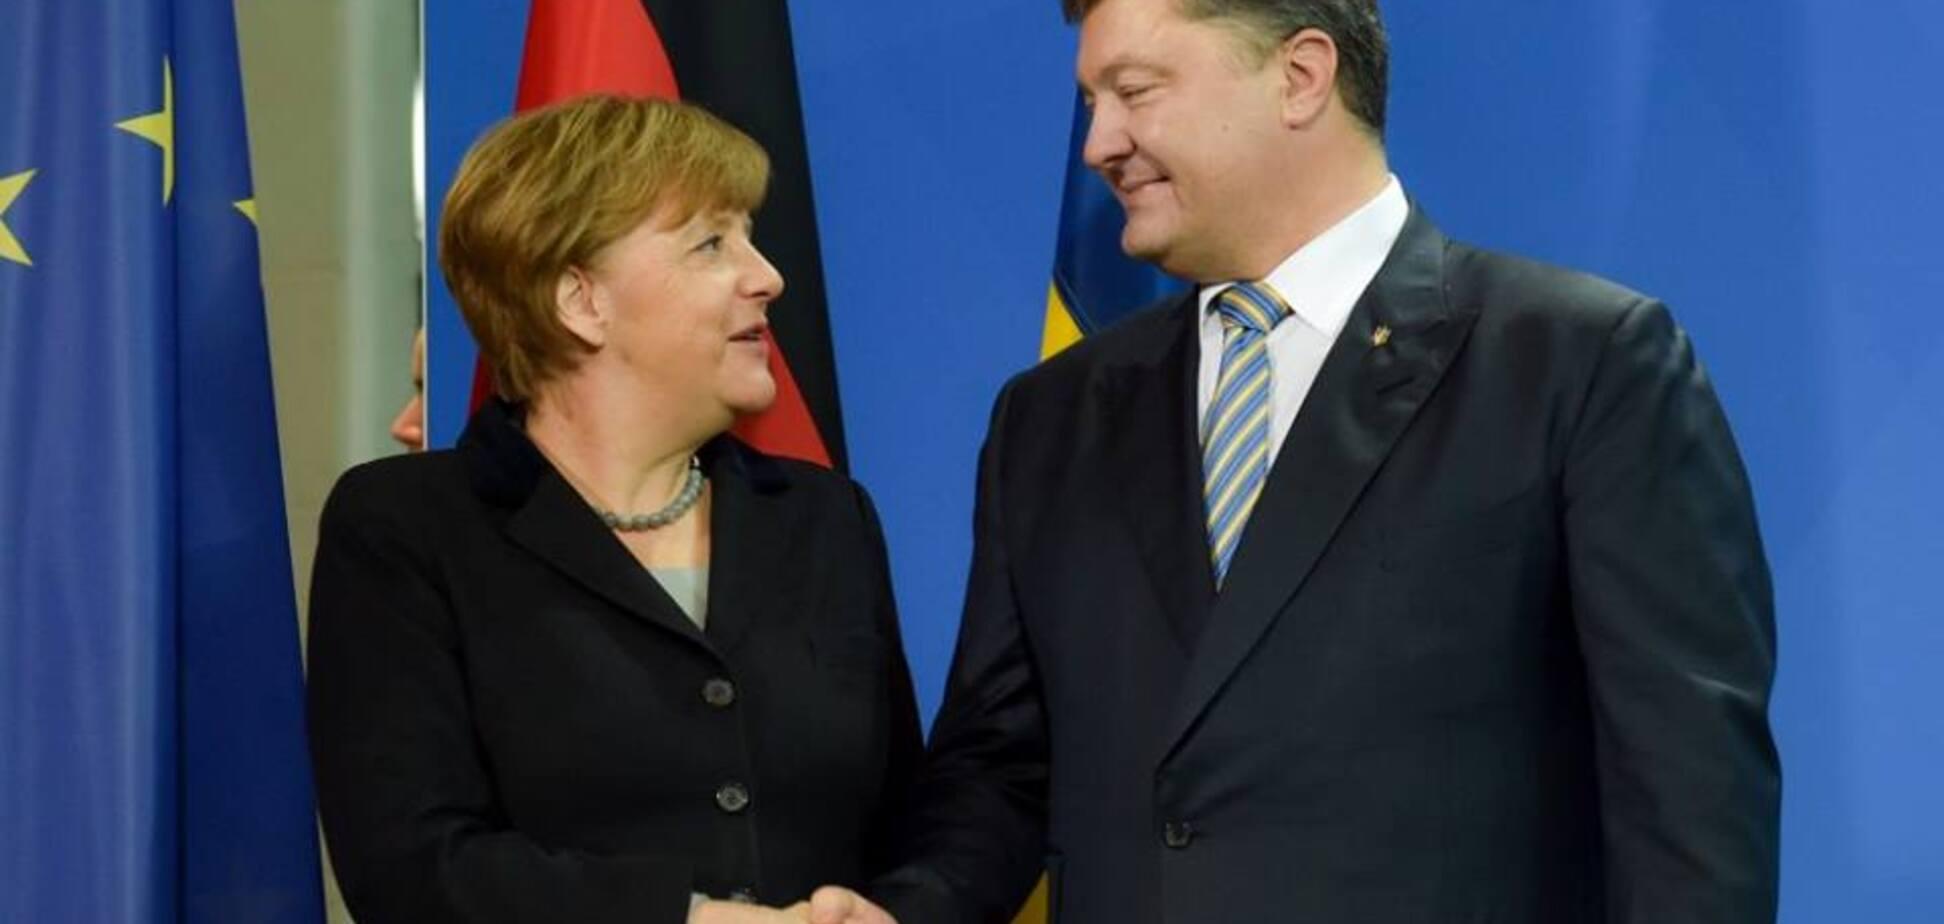 'Щирі вітання': Порошенко зробив гучну заяву про вибори в Німеччині, не чекаючи офіційних результатів